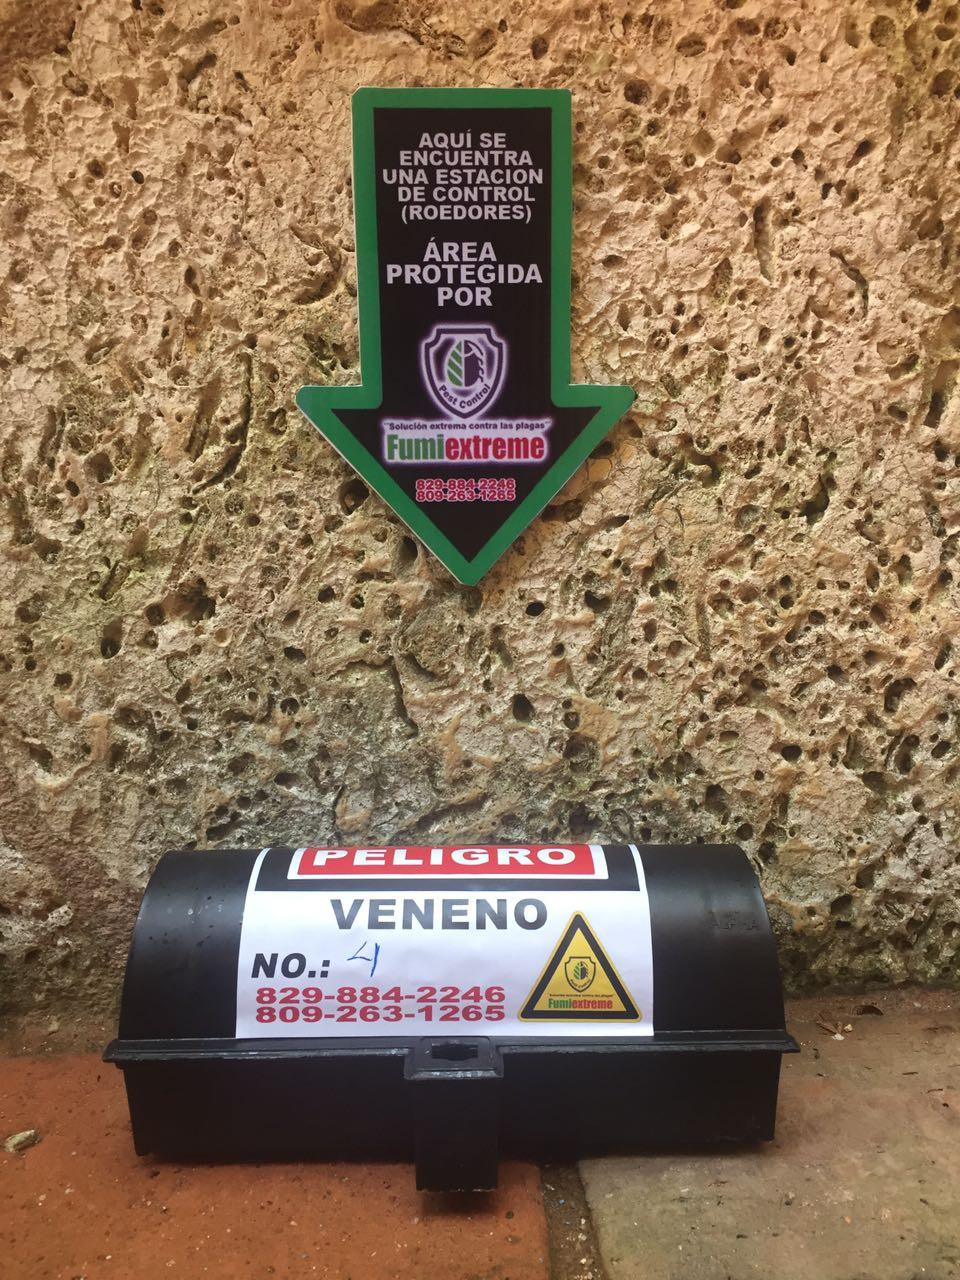 Estación de Control para roedores instalada en un Hotel en la Zona Colonial de Santo Domingo